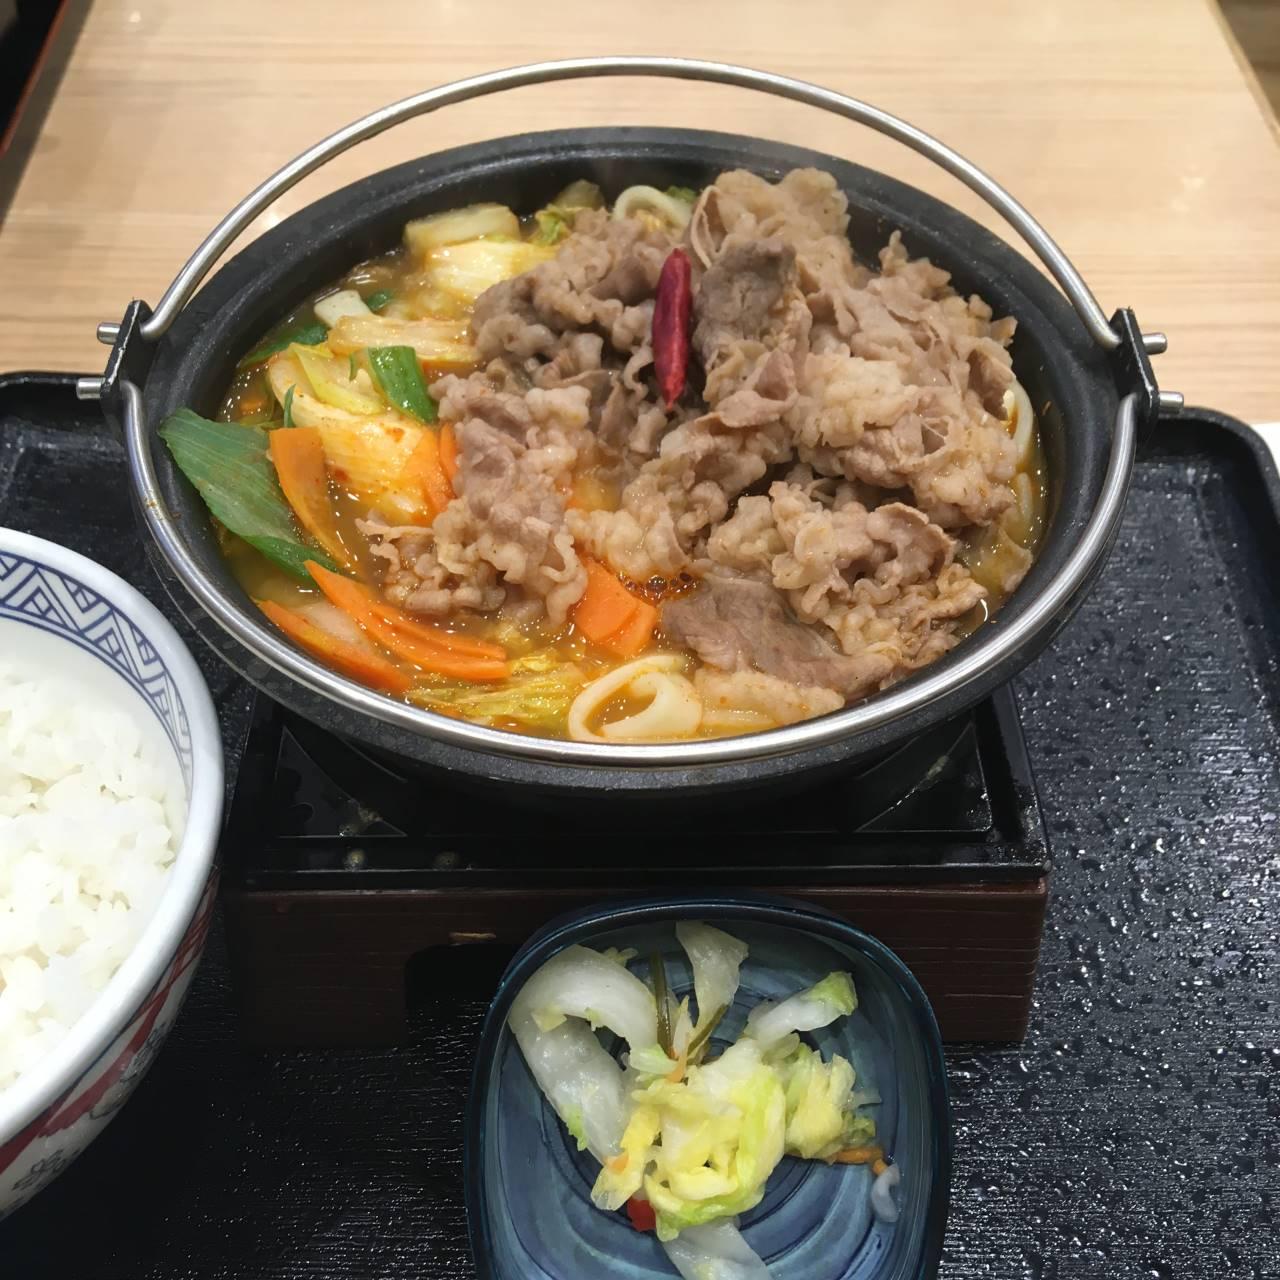 麻辣牛鍋膳 ご飯付の物 2019年度版吉野家の鍋膳 7回目